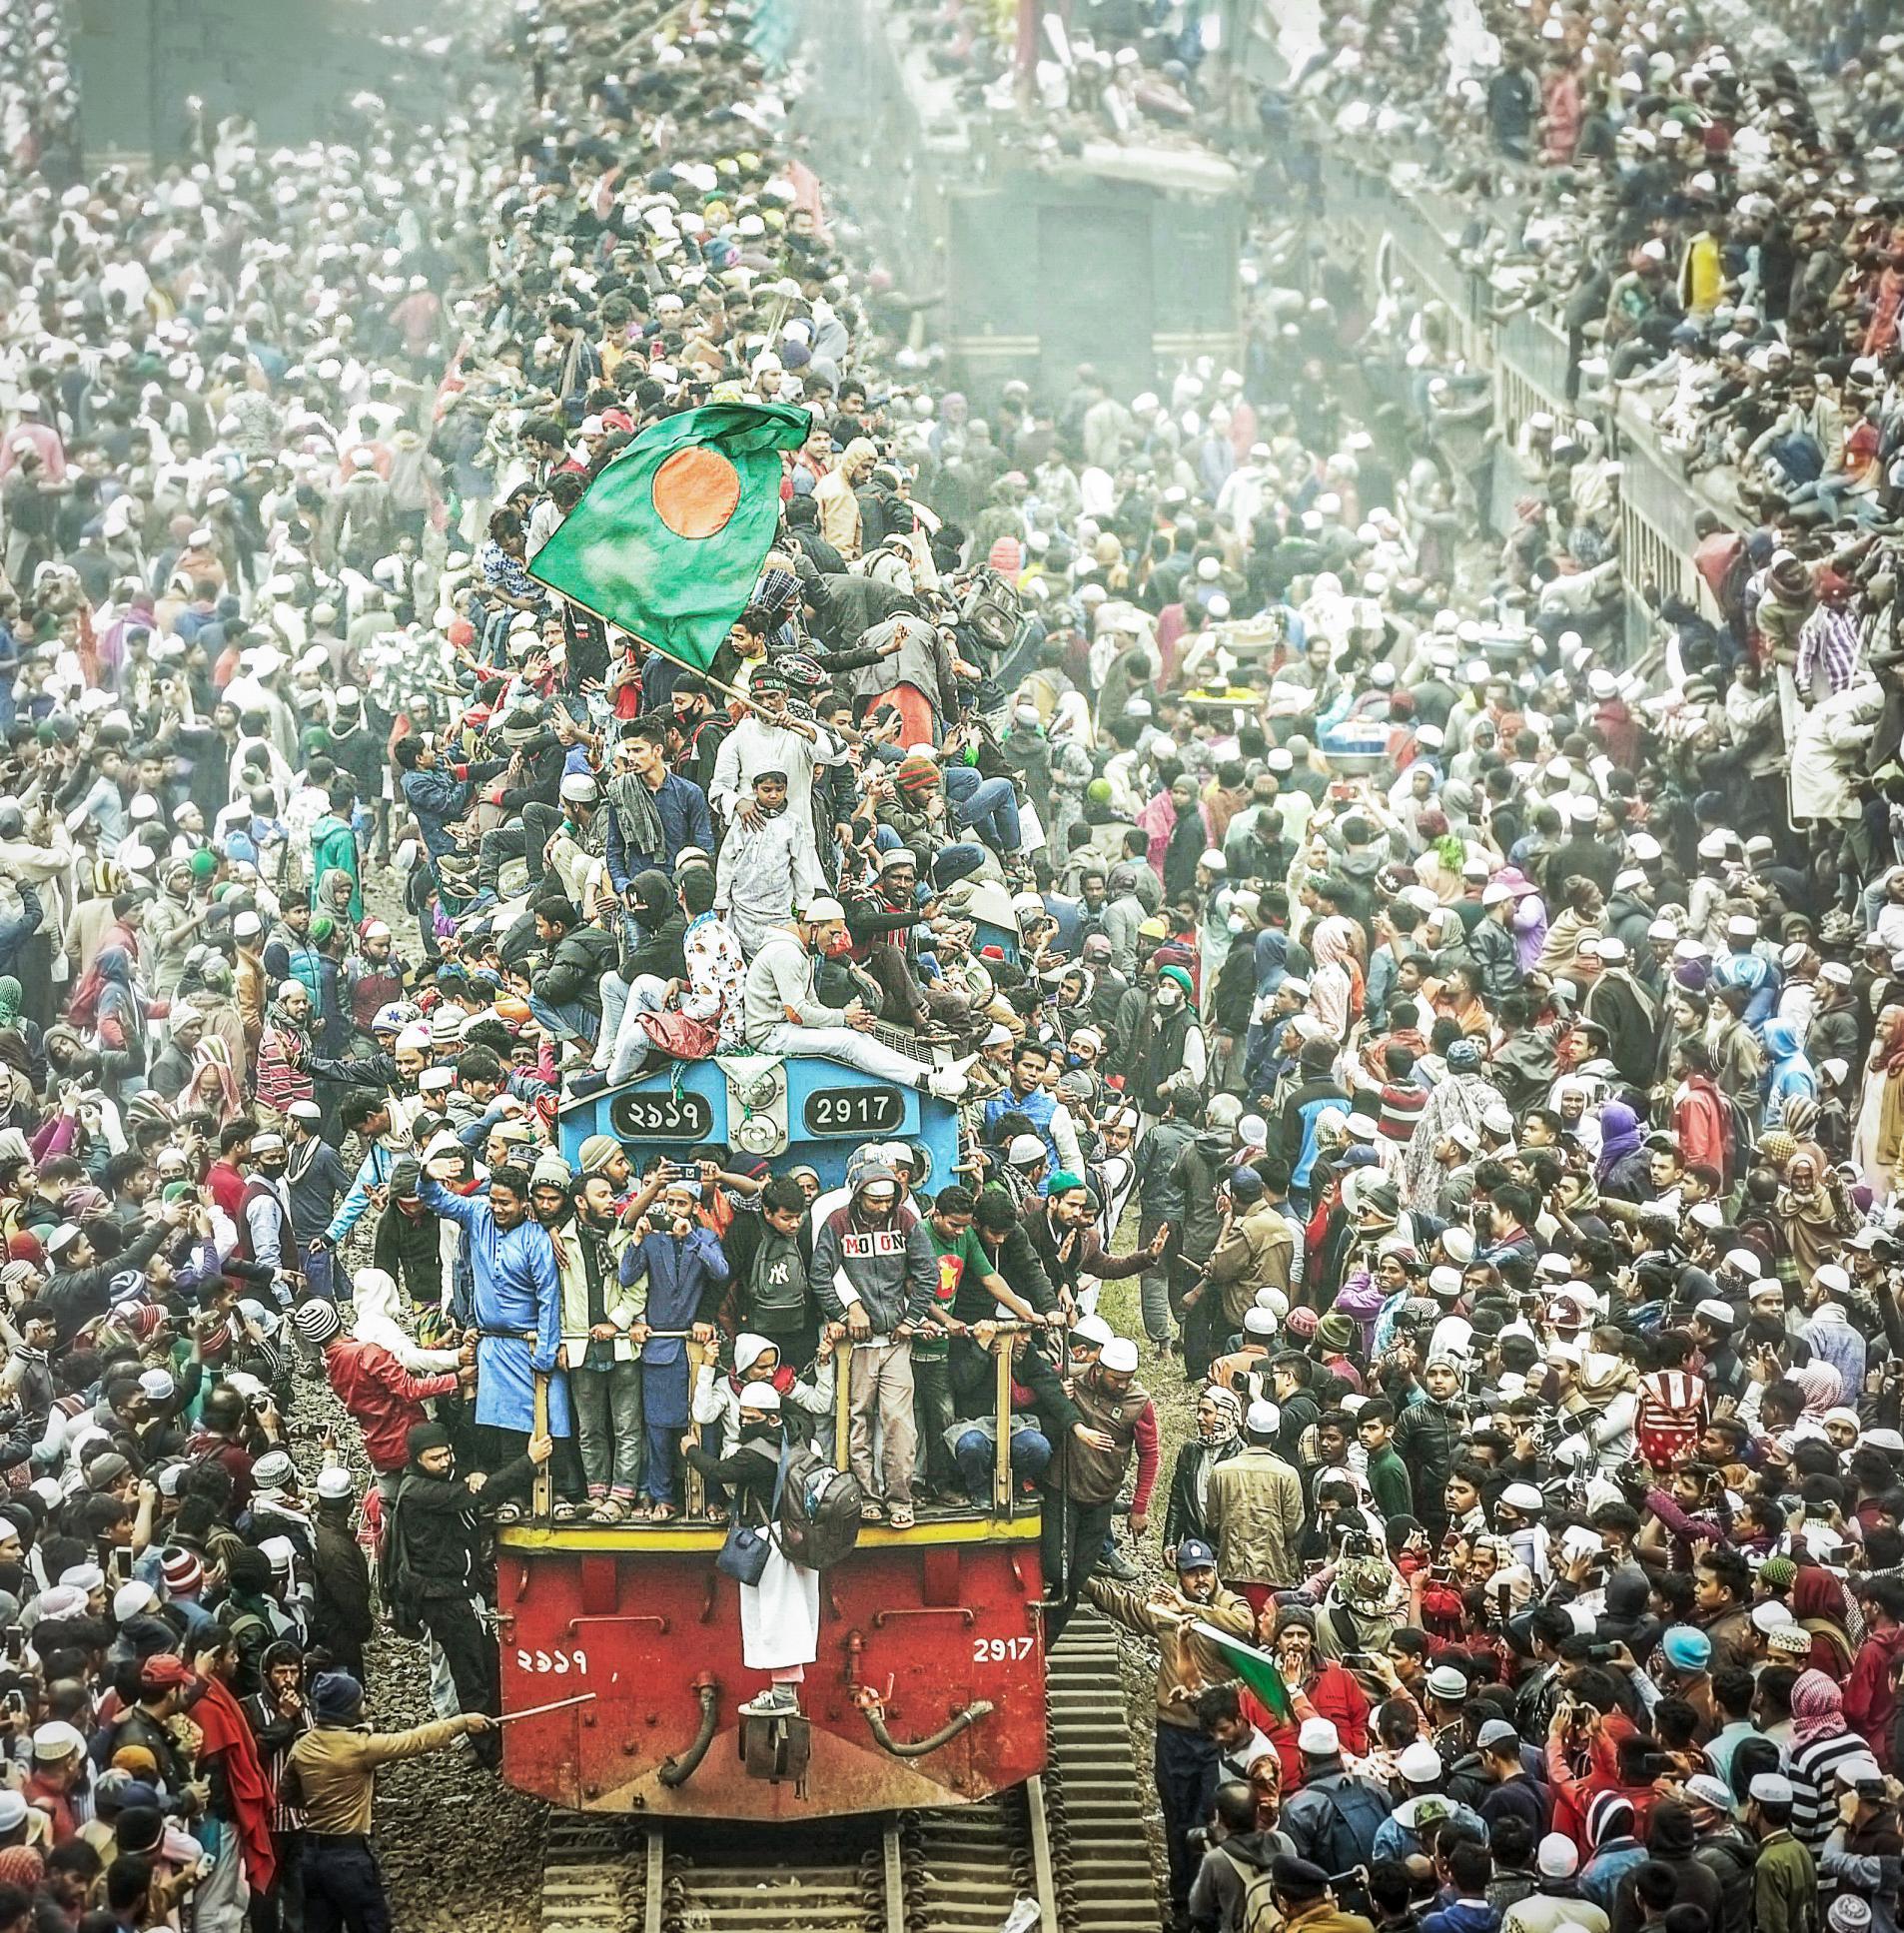 hk_c_年度人文- 江新華  孟加拉國火車節,數十萬民眾免費乘坐火車,盛況空前,舉世罕見。2020年1月攝影孟加拉國首都達卡。.jpg